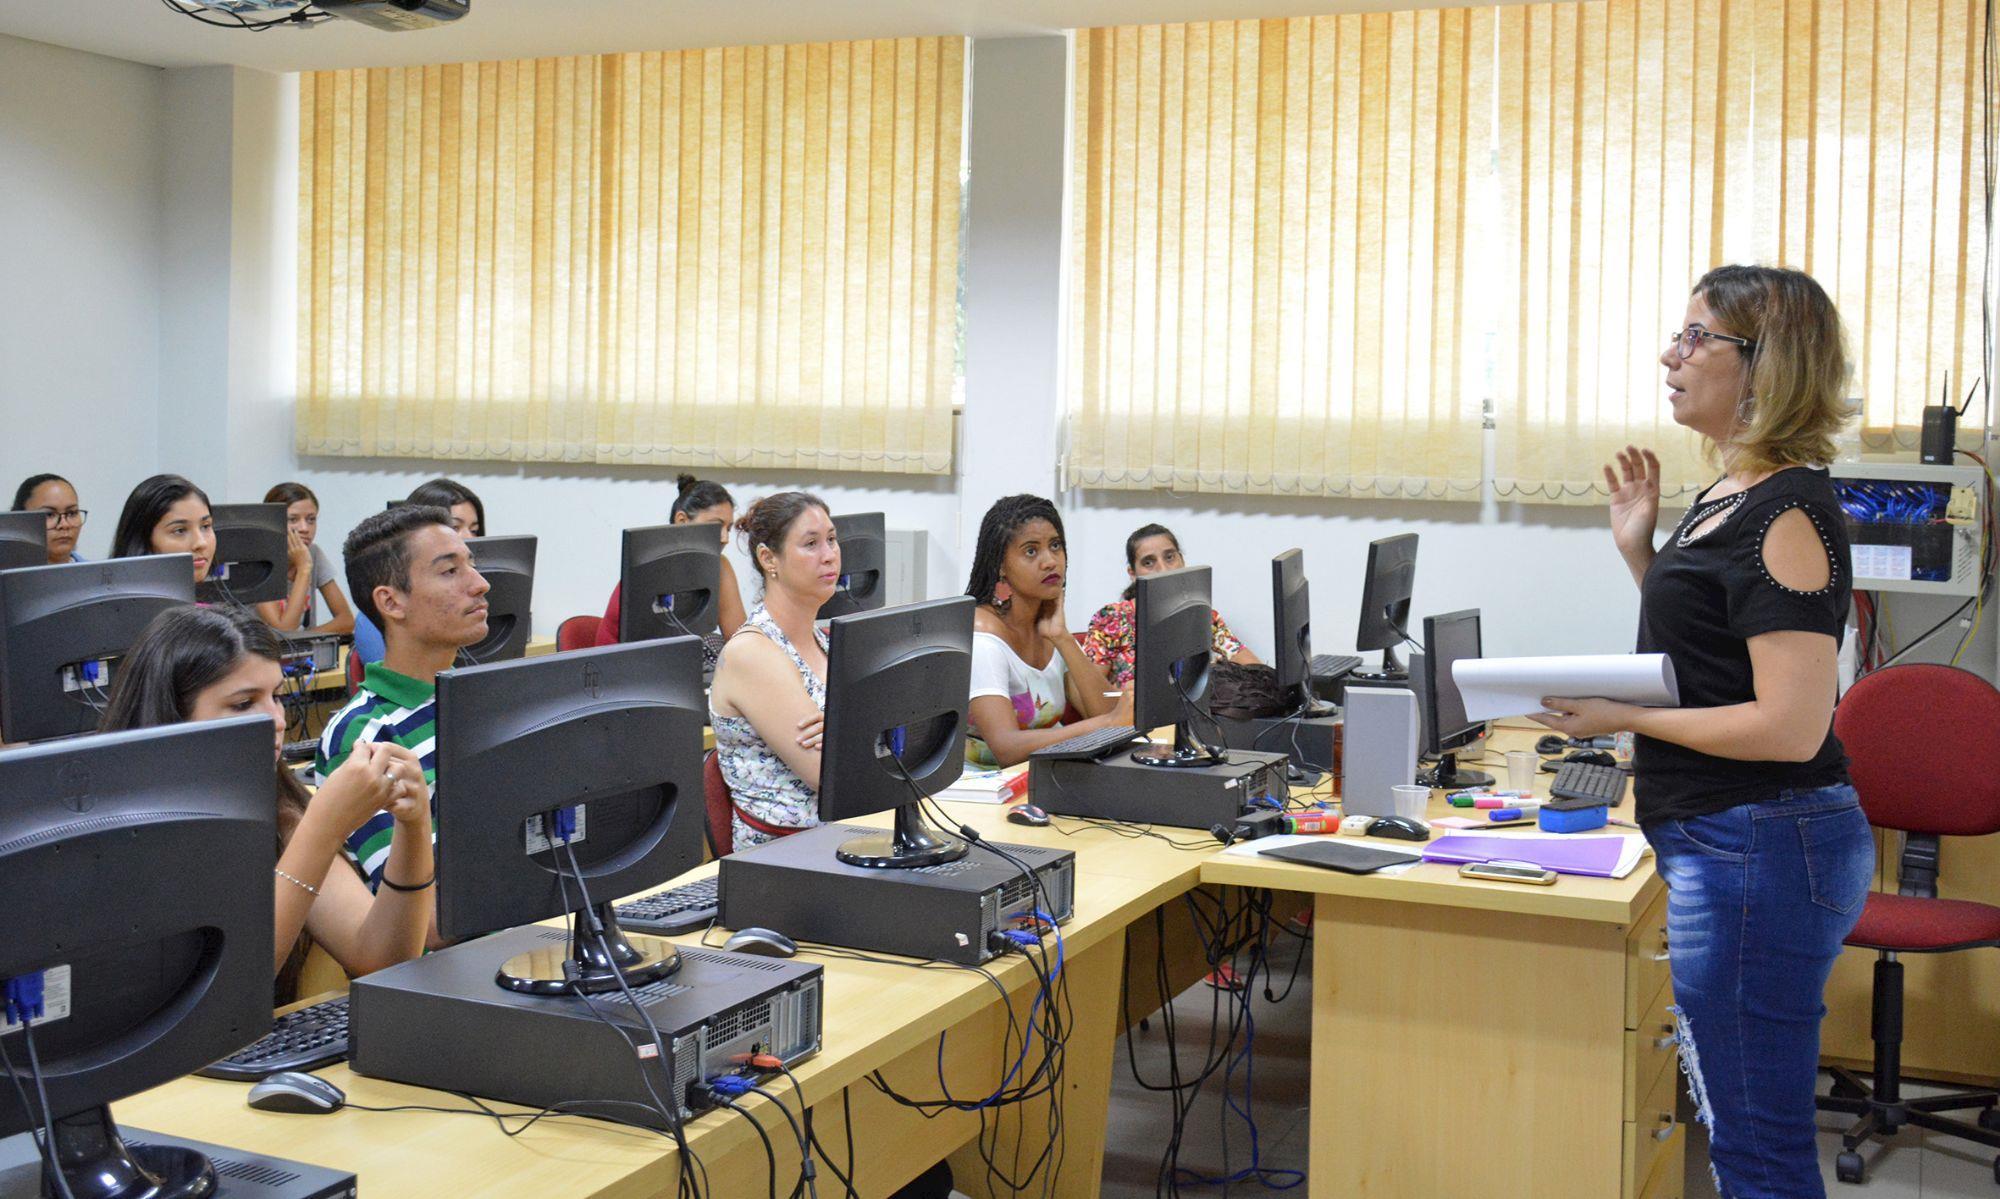 Administrativo, curso, rise, qualificação, gratuito, smetal, Foguinho/ Arquivo SMetal